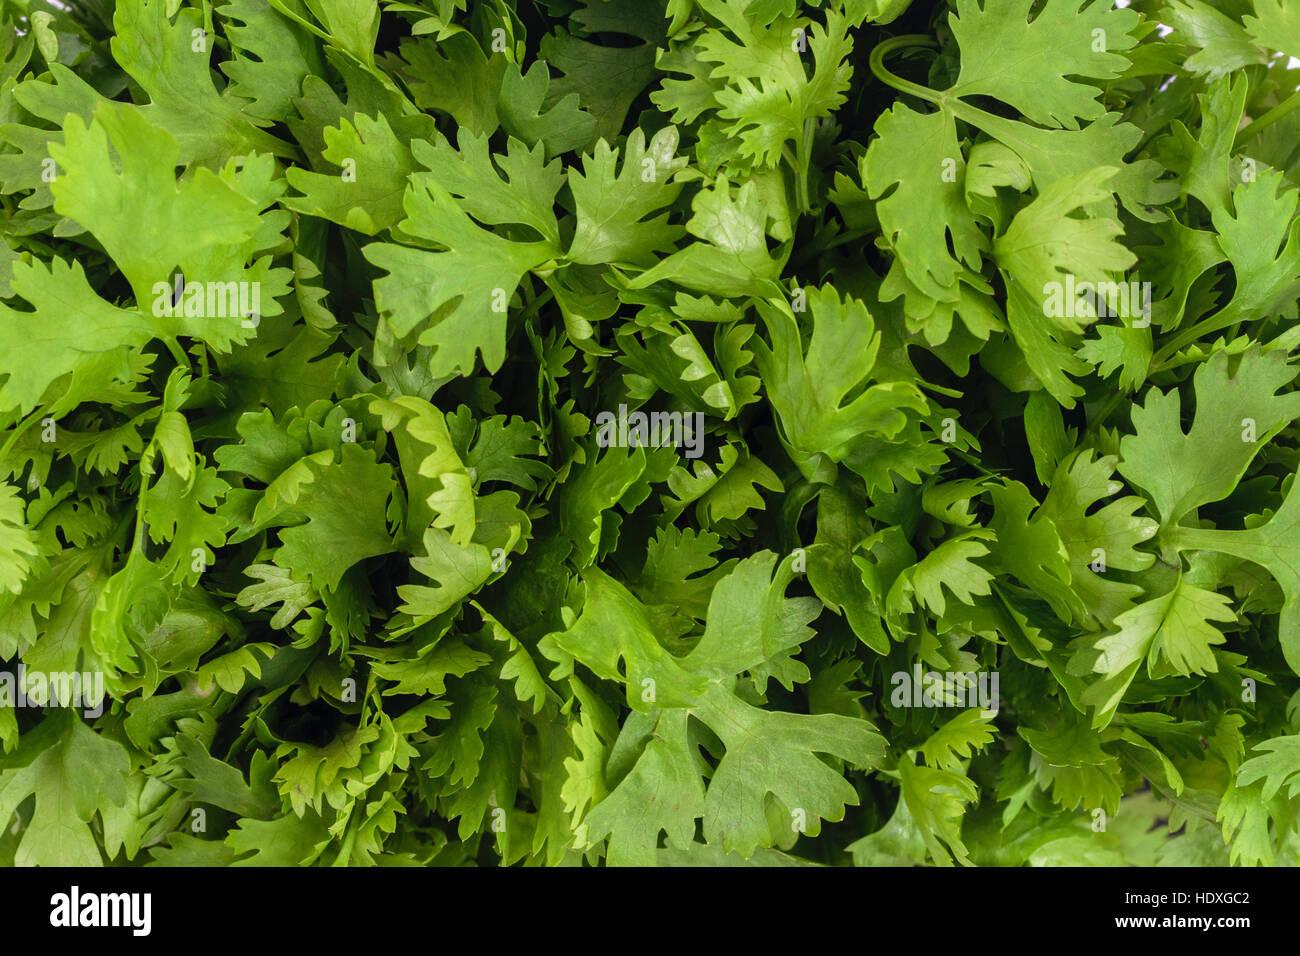 Il coriandolo o foglie di coriandolo (Coriandrum sativum) lascia closeup sfondo Immagini Stock